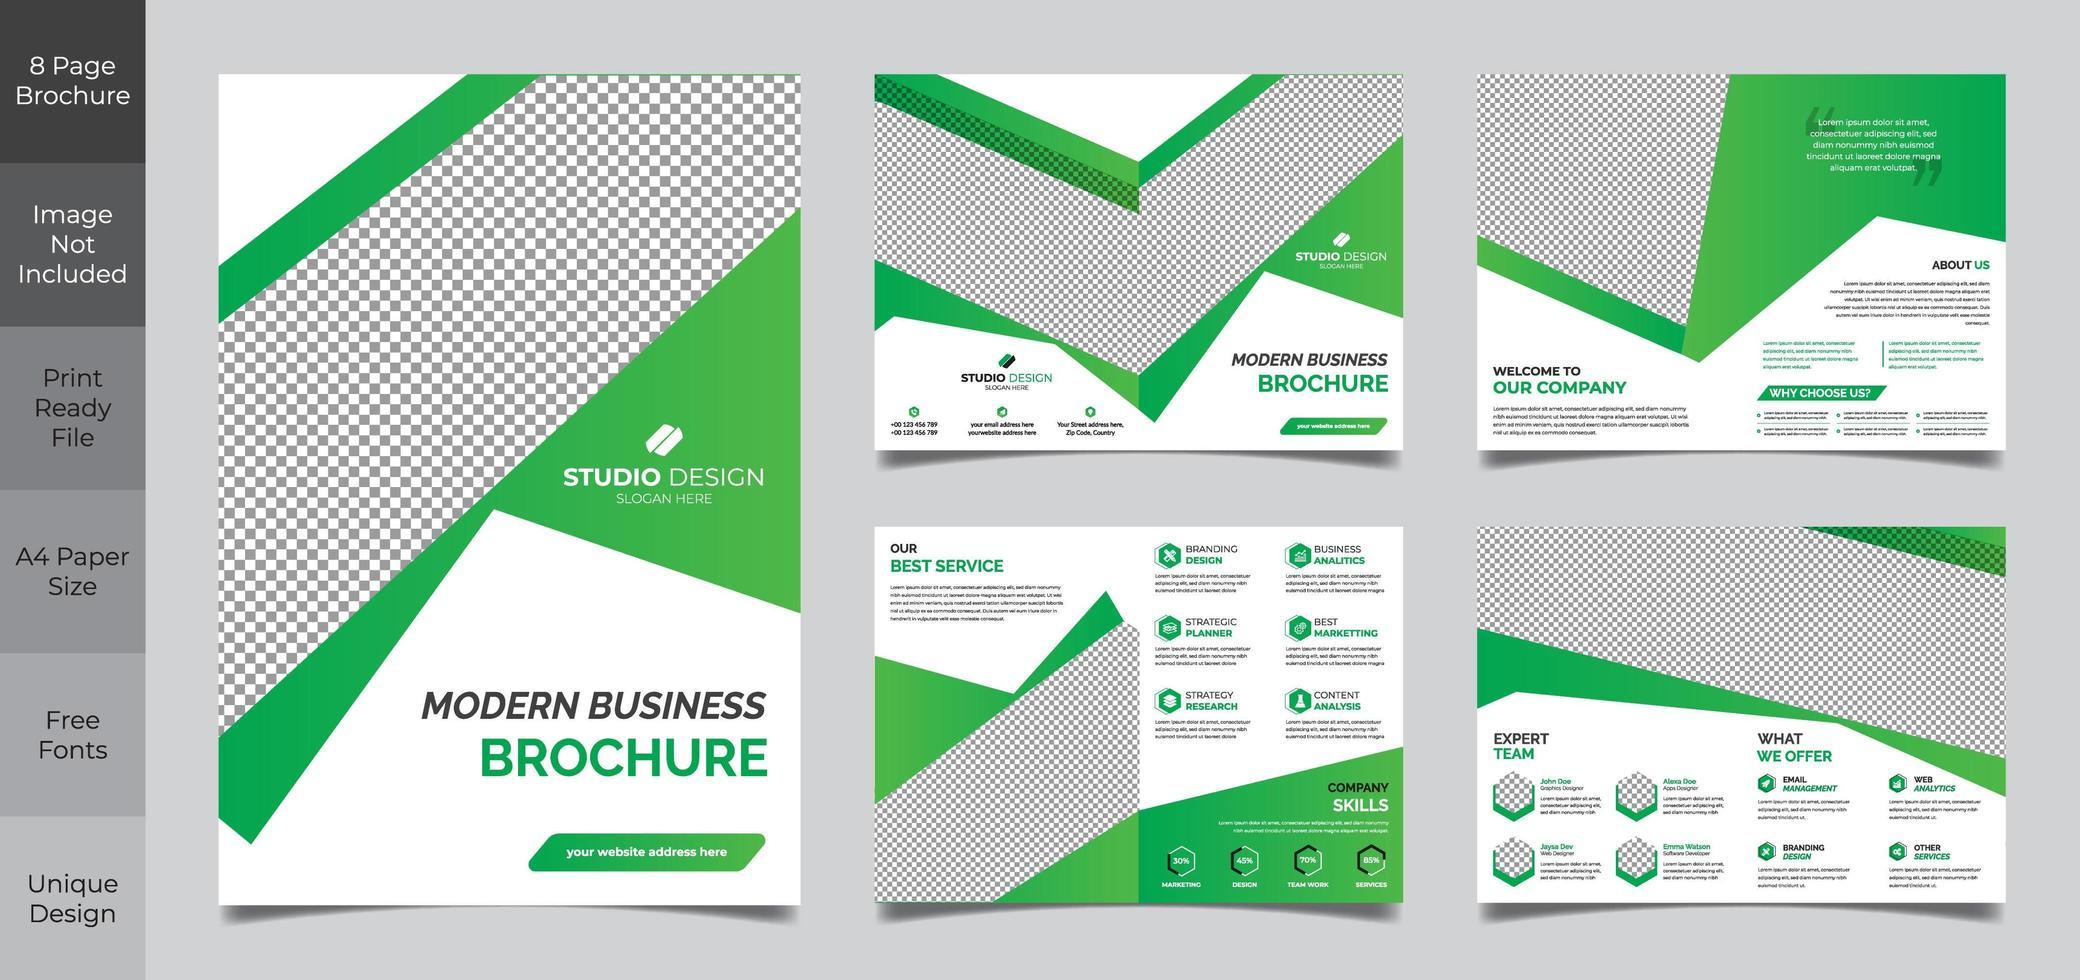 8-seitige grün-weiße Geschäftsbroschürenvorlage vektor